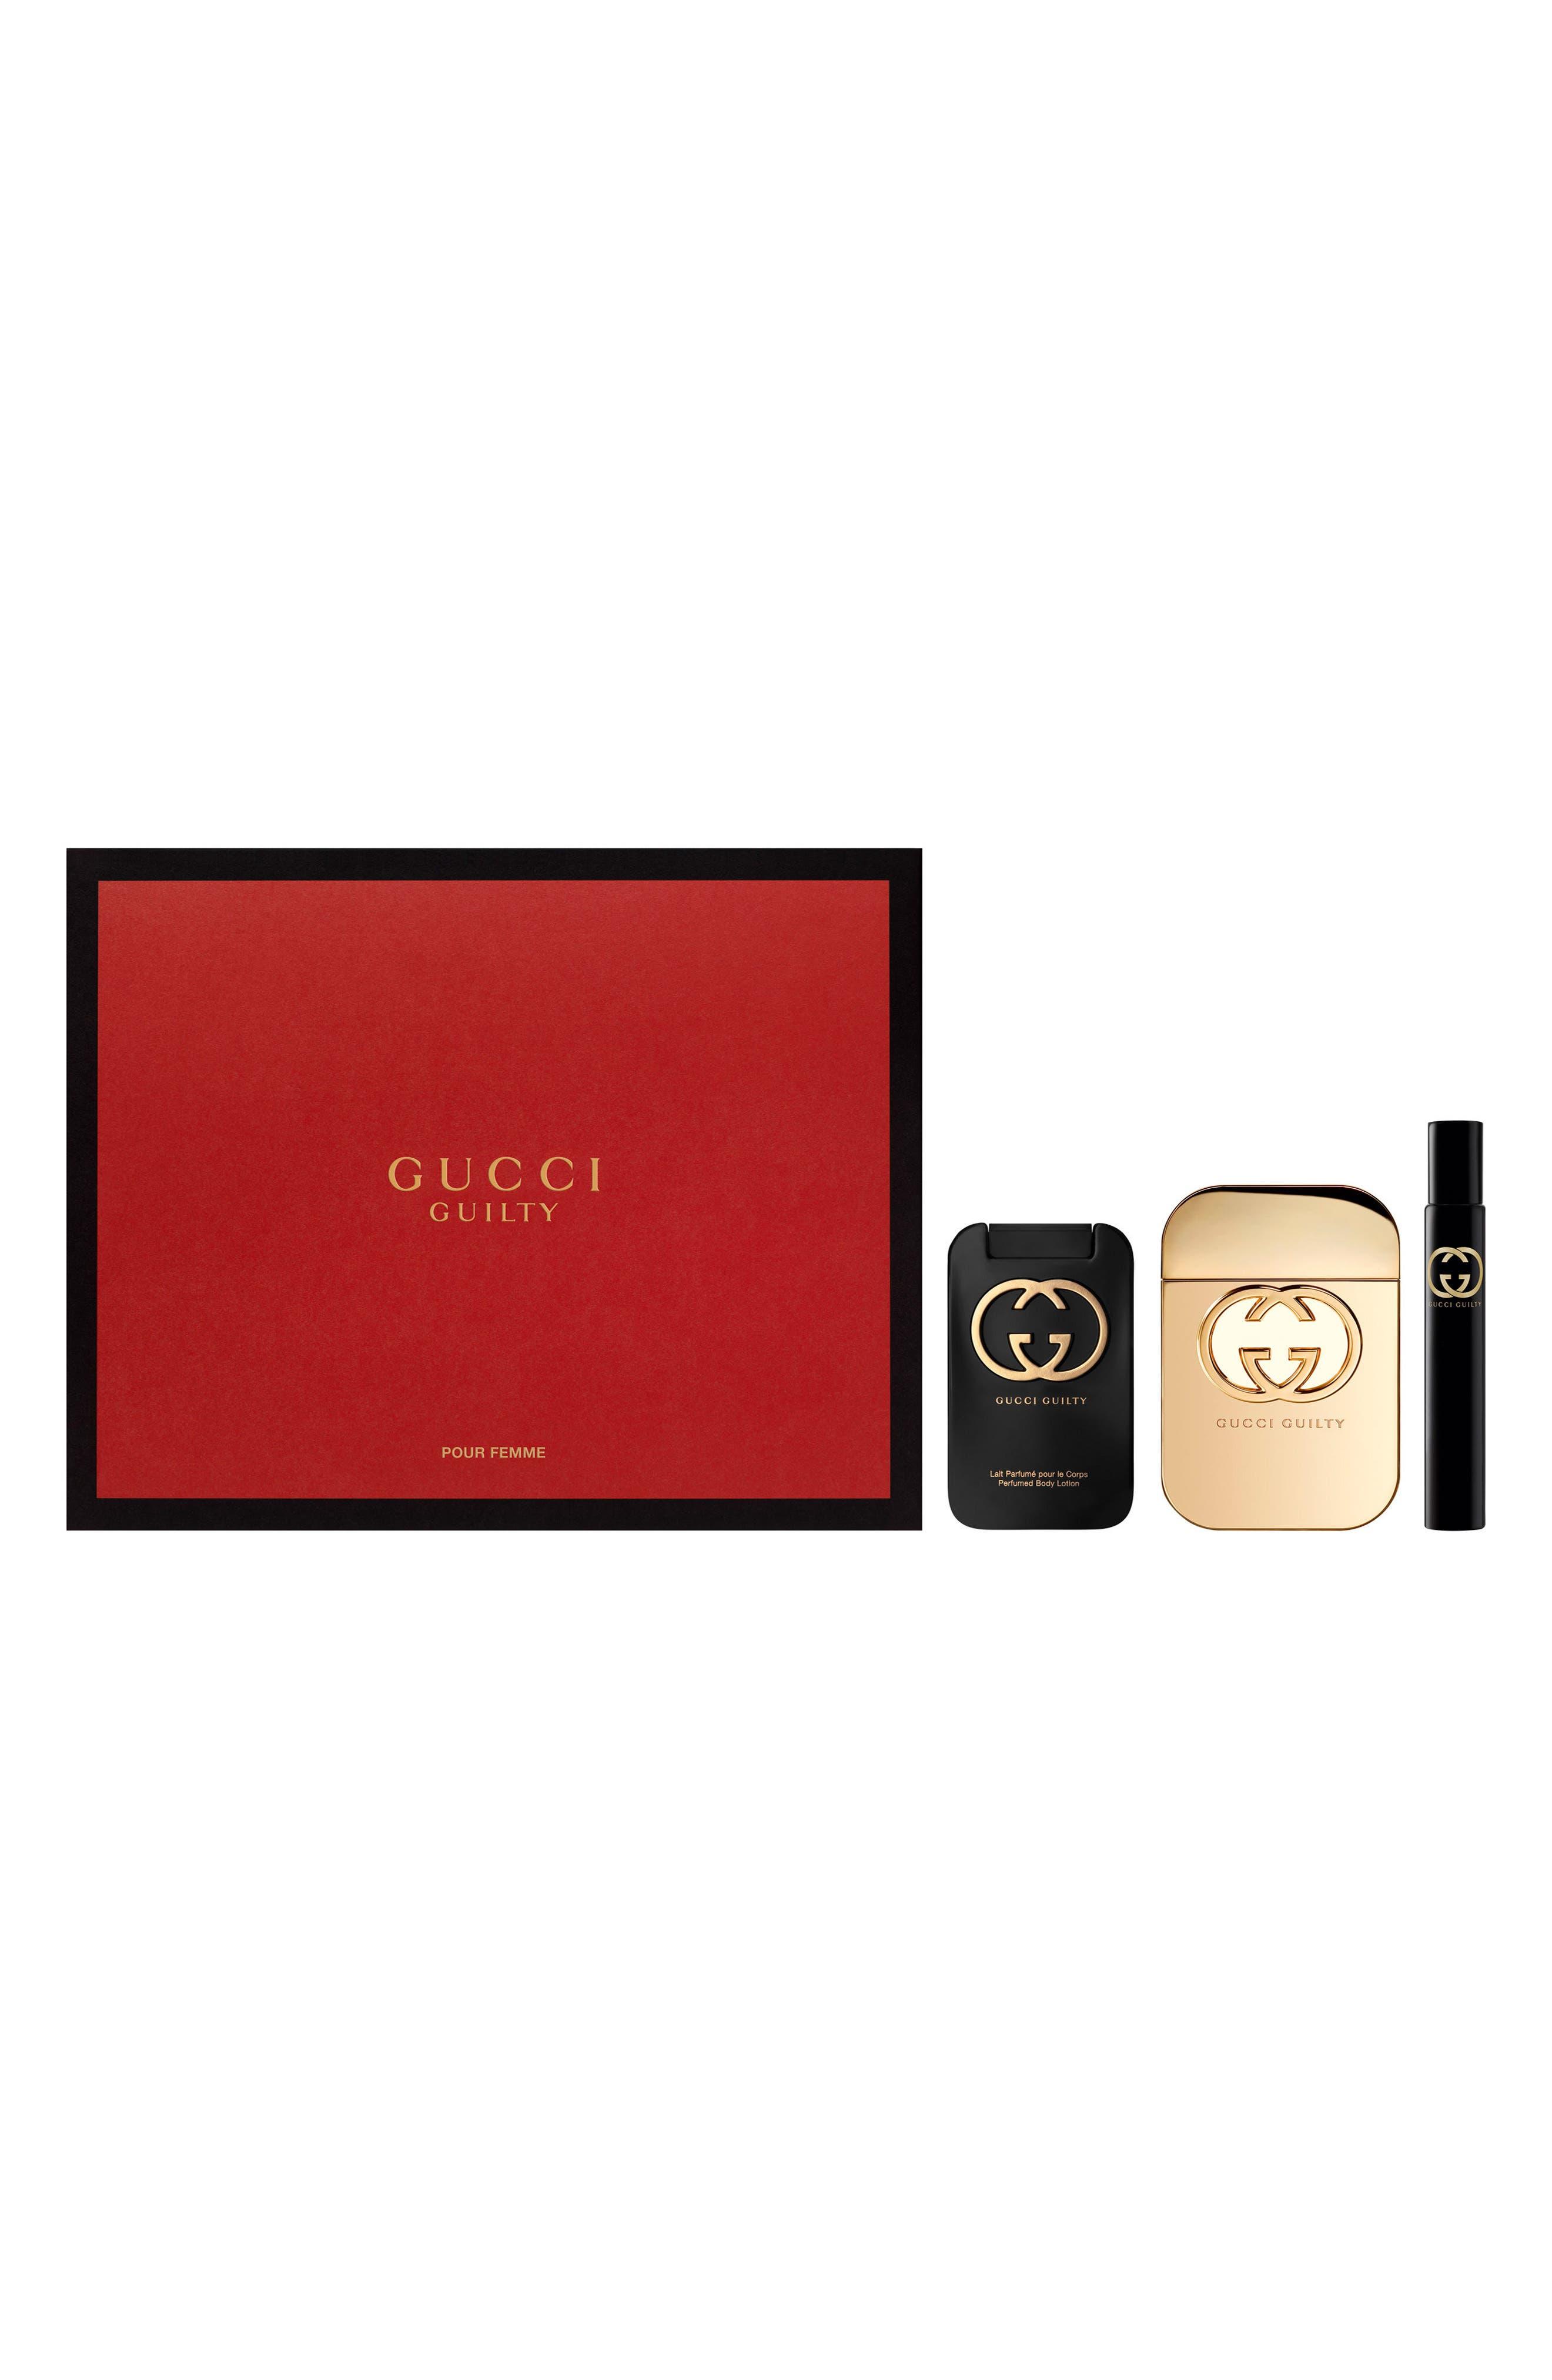 Main Image - Gucci Guilty Eau de Toilette pour Femme Set ($161 Value)